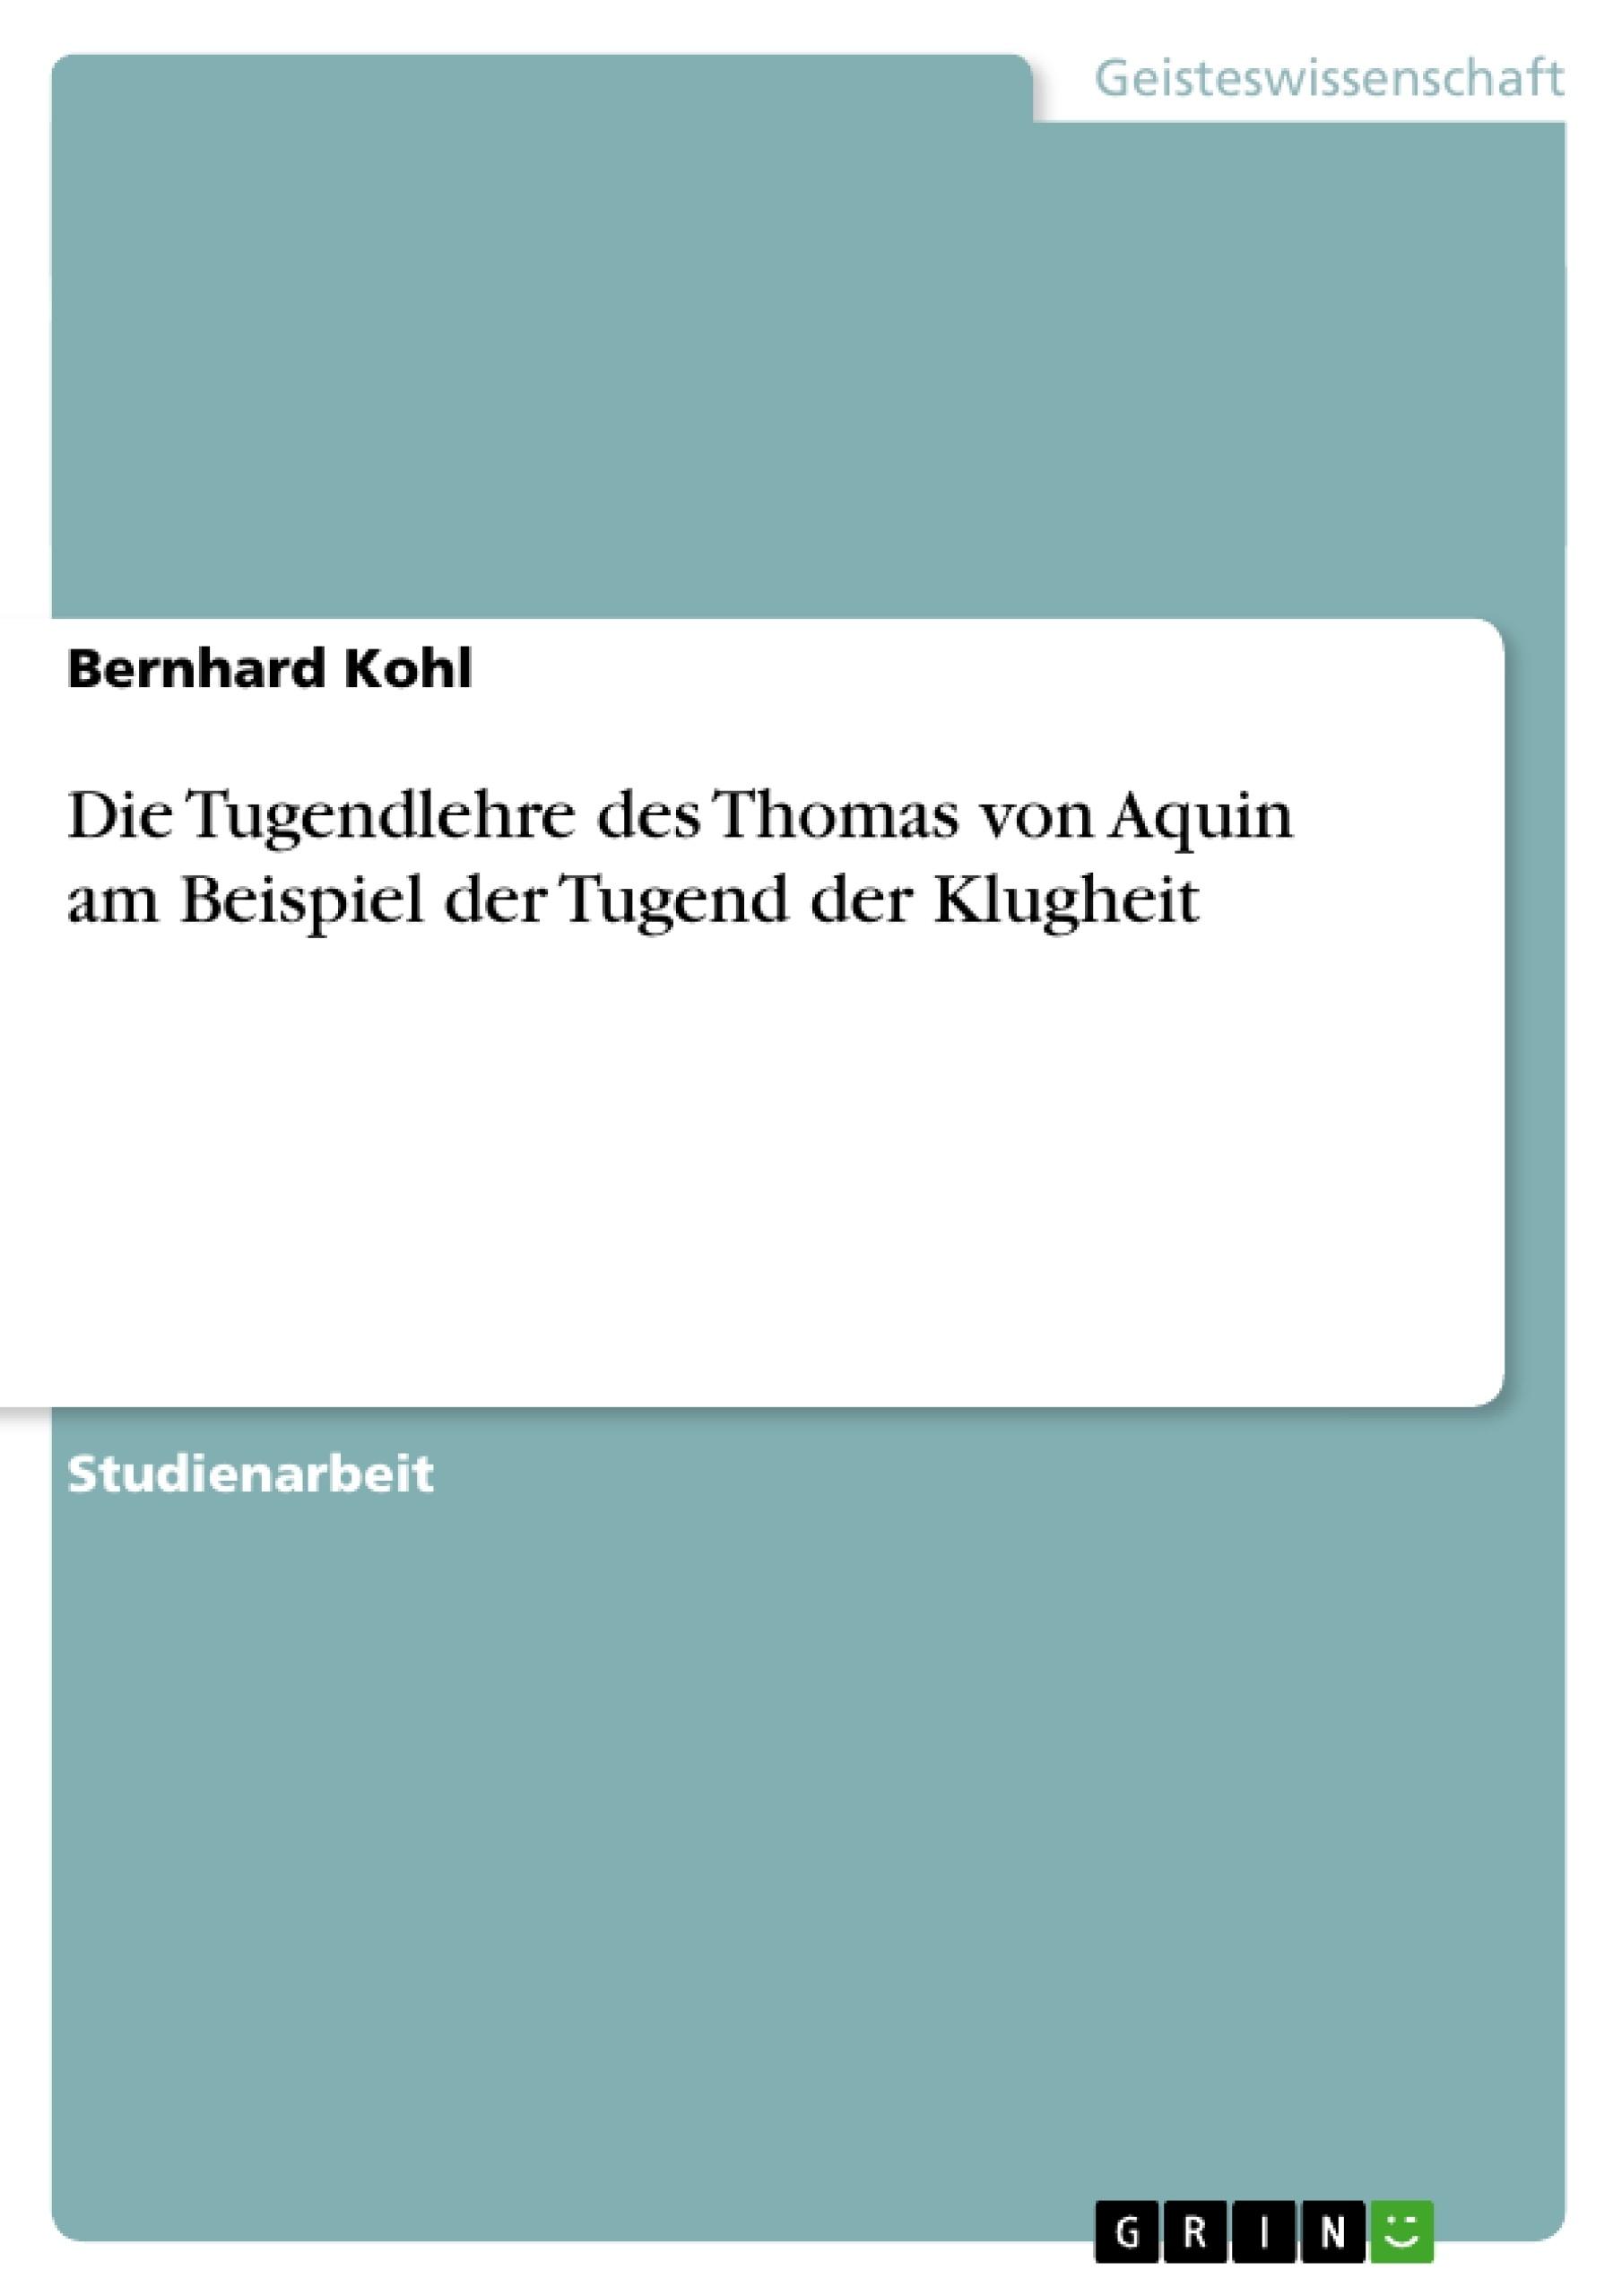 Titel: Die Tugendlehre des Thomas von Aquin am Beispiel der Tugend der Klugheit